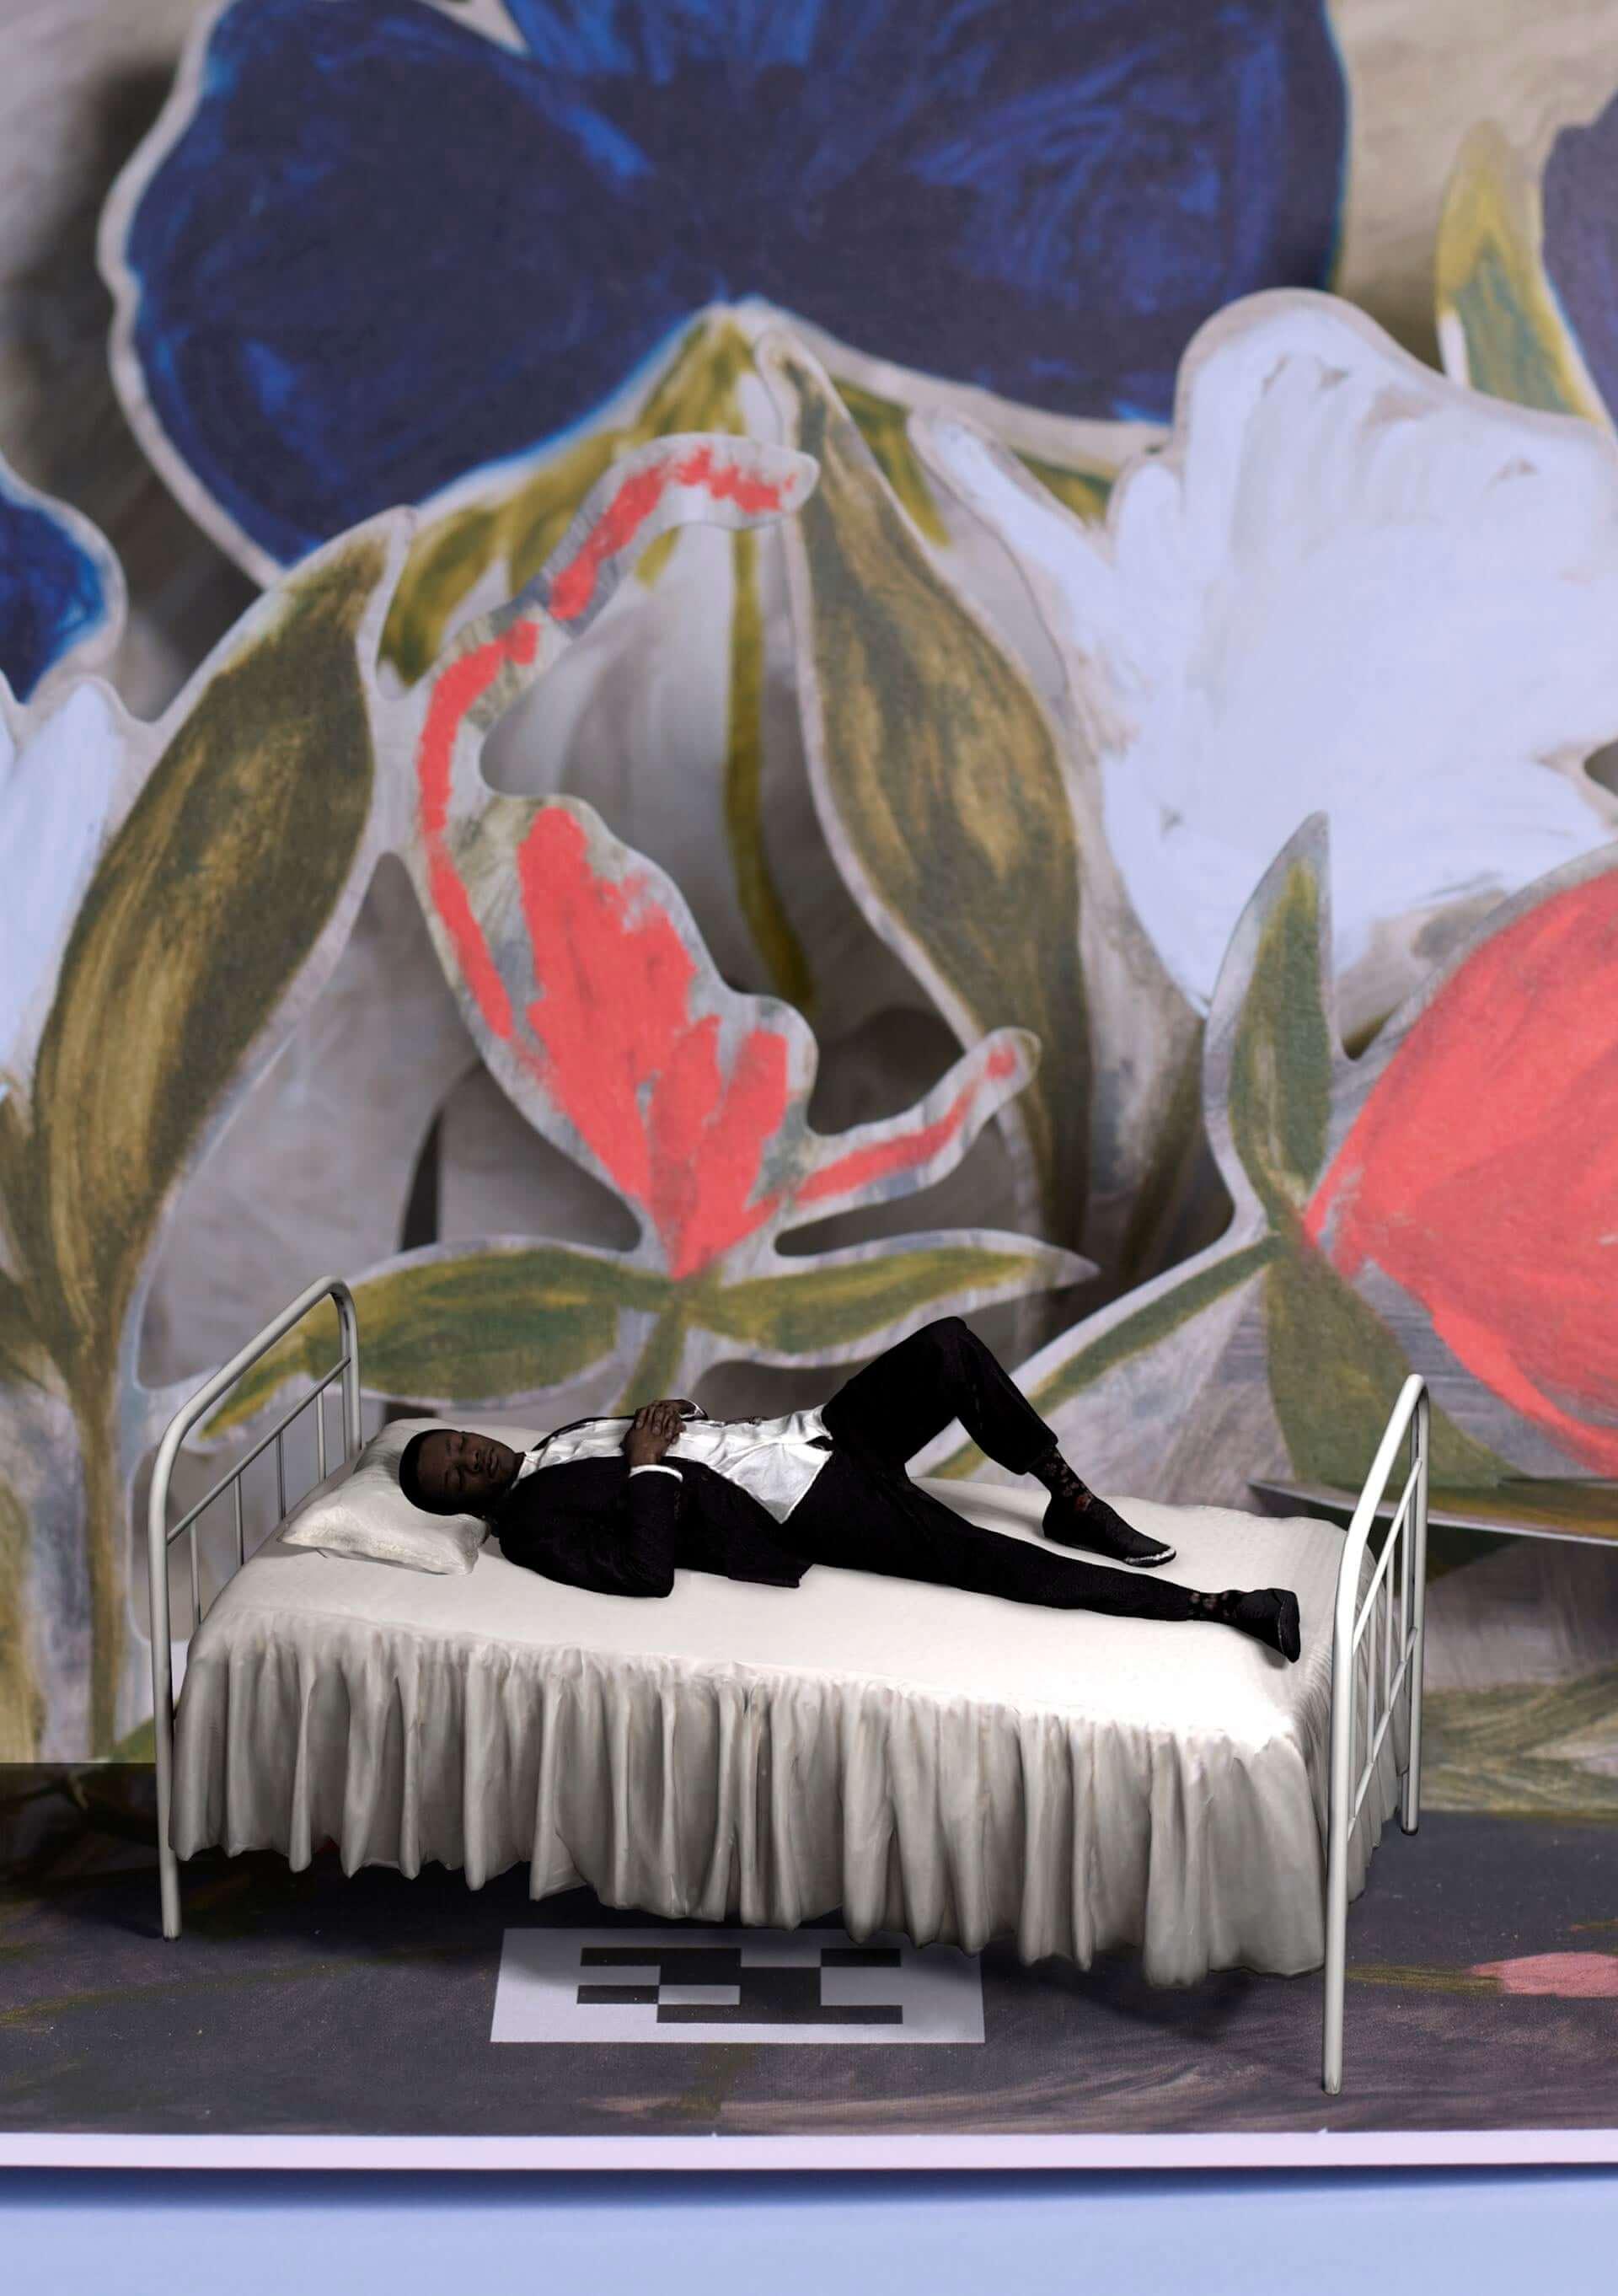 H&Mとシモーン・ロシャのコラボコレクションが登場!発売記念のARポップアップ・ブックにはヘレナ・ボナム・カーターらが参加 lf210310_handm_1-1920x2724